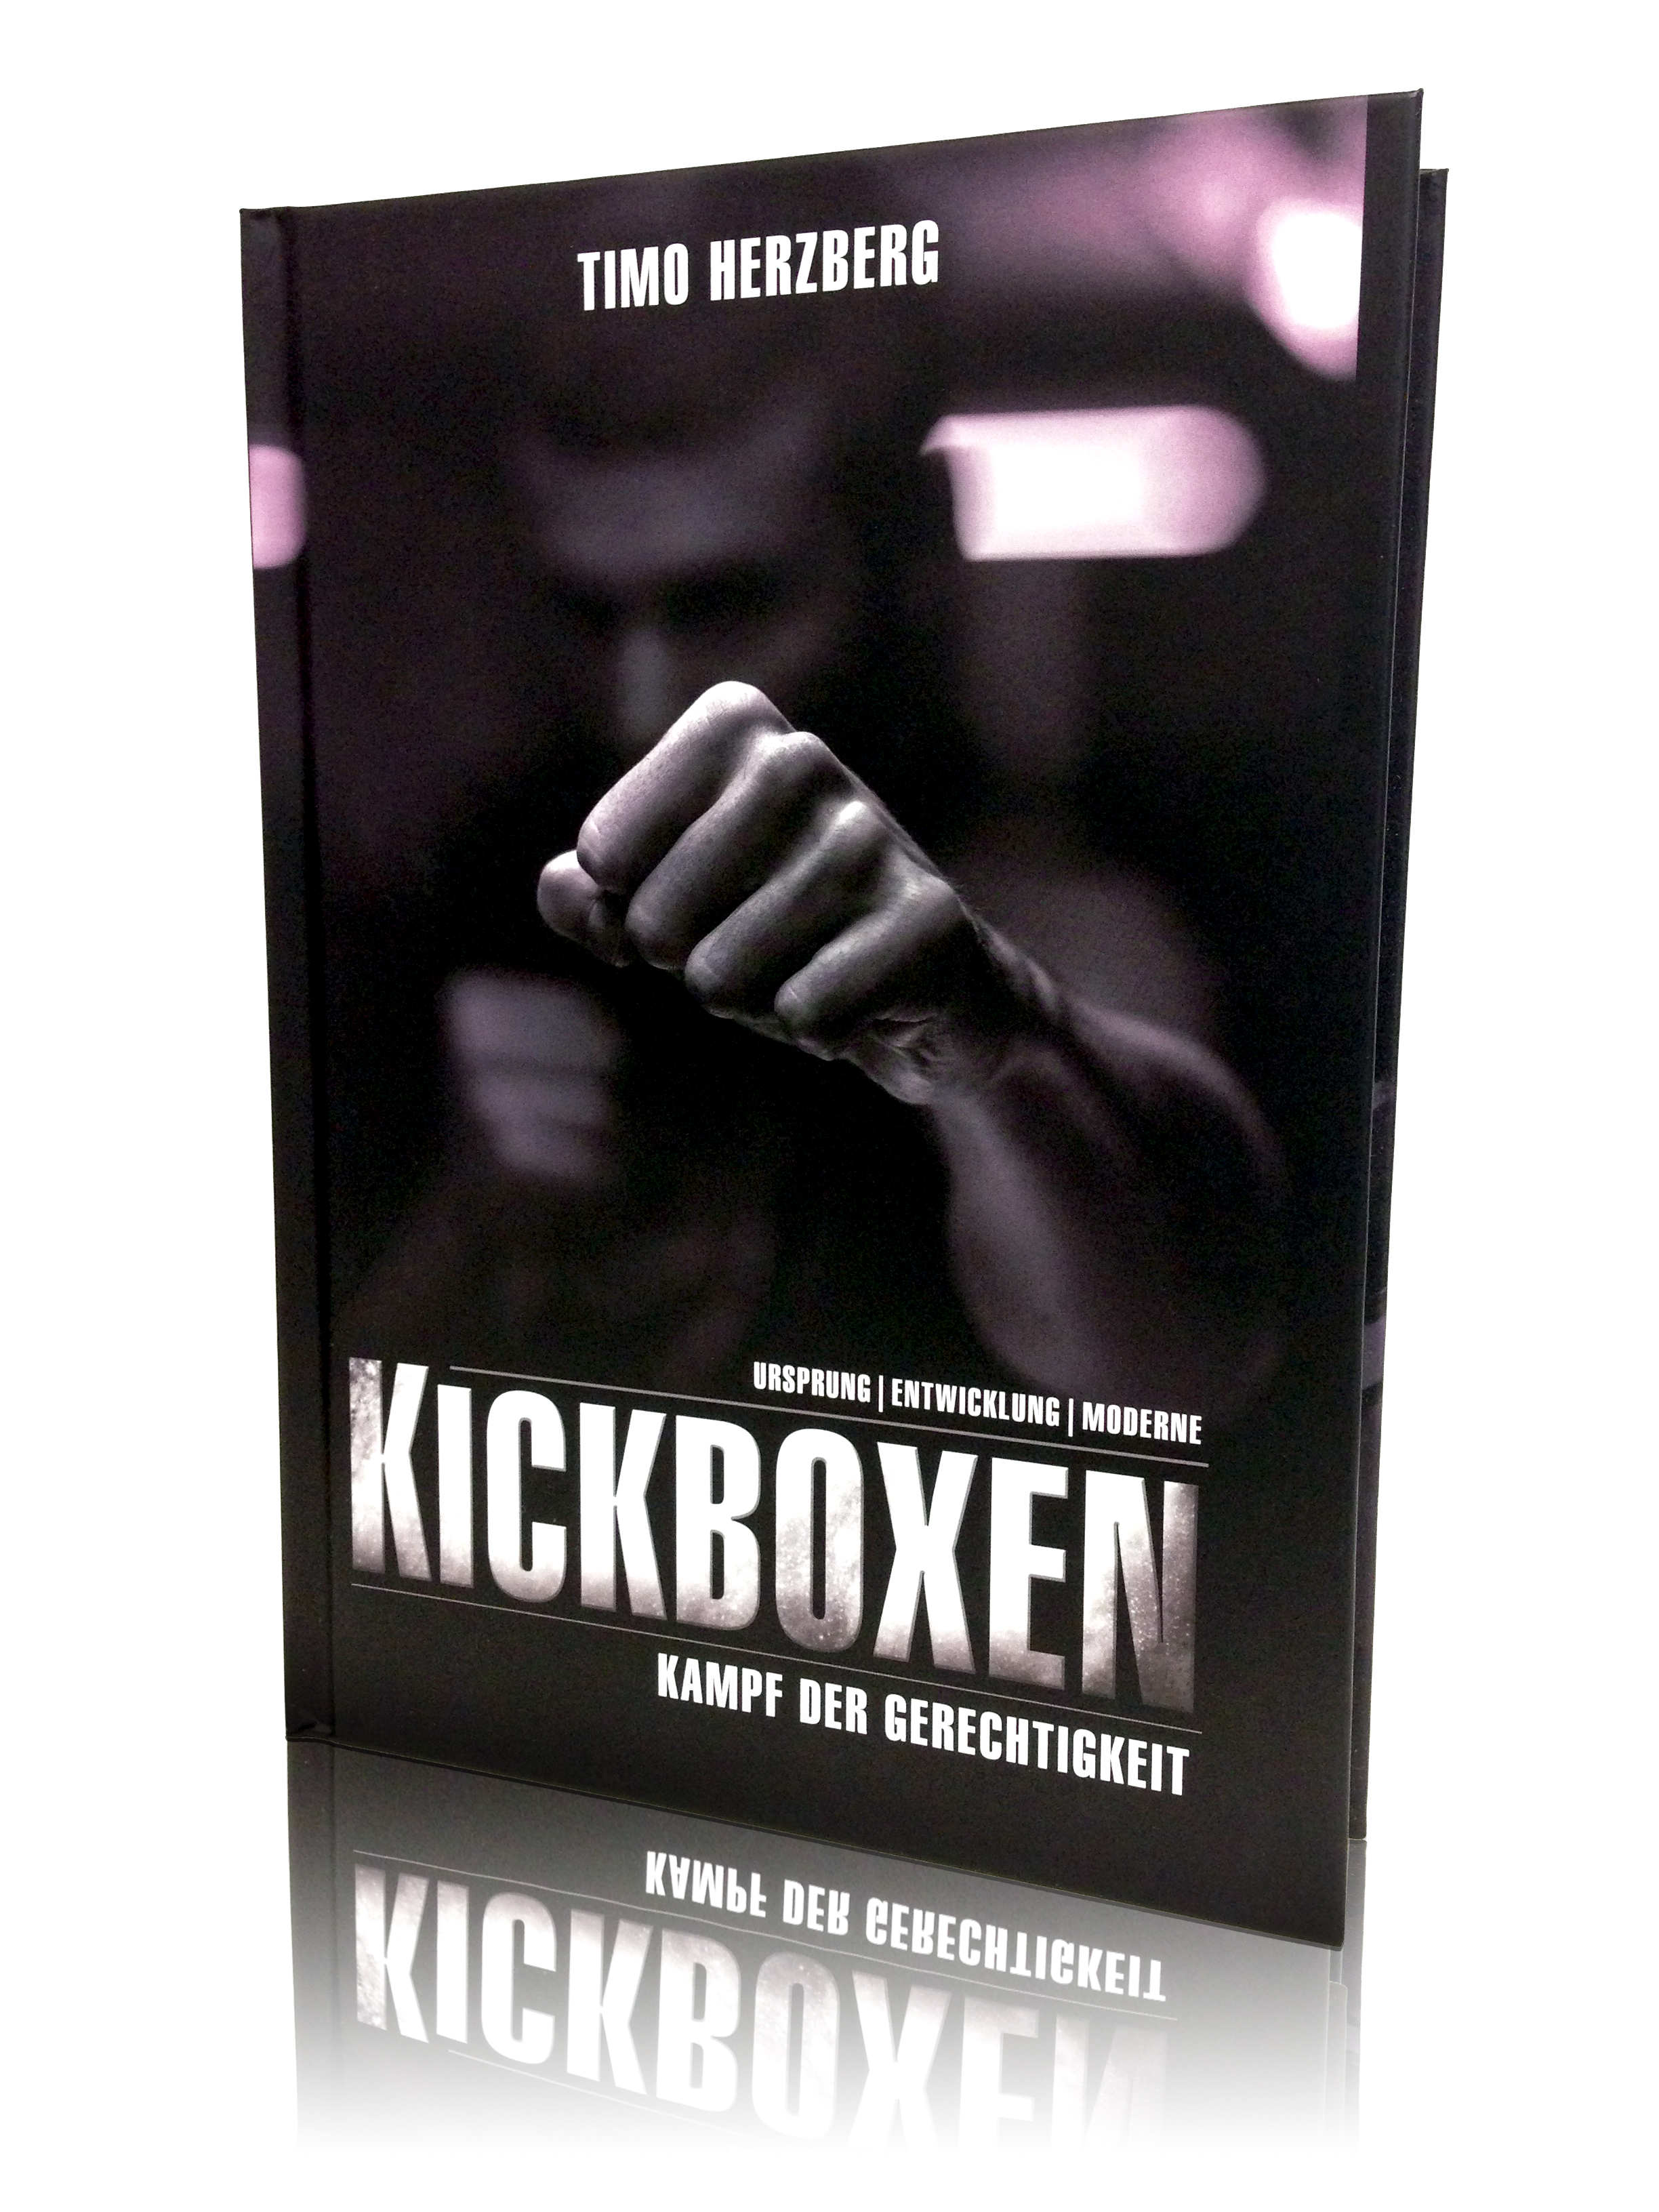 Kickboxen - Kampf der Gerechtigkeit